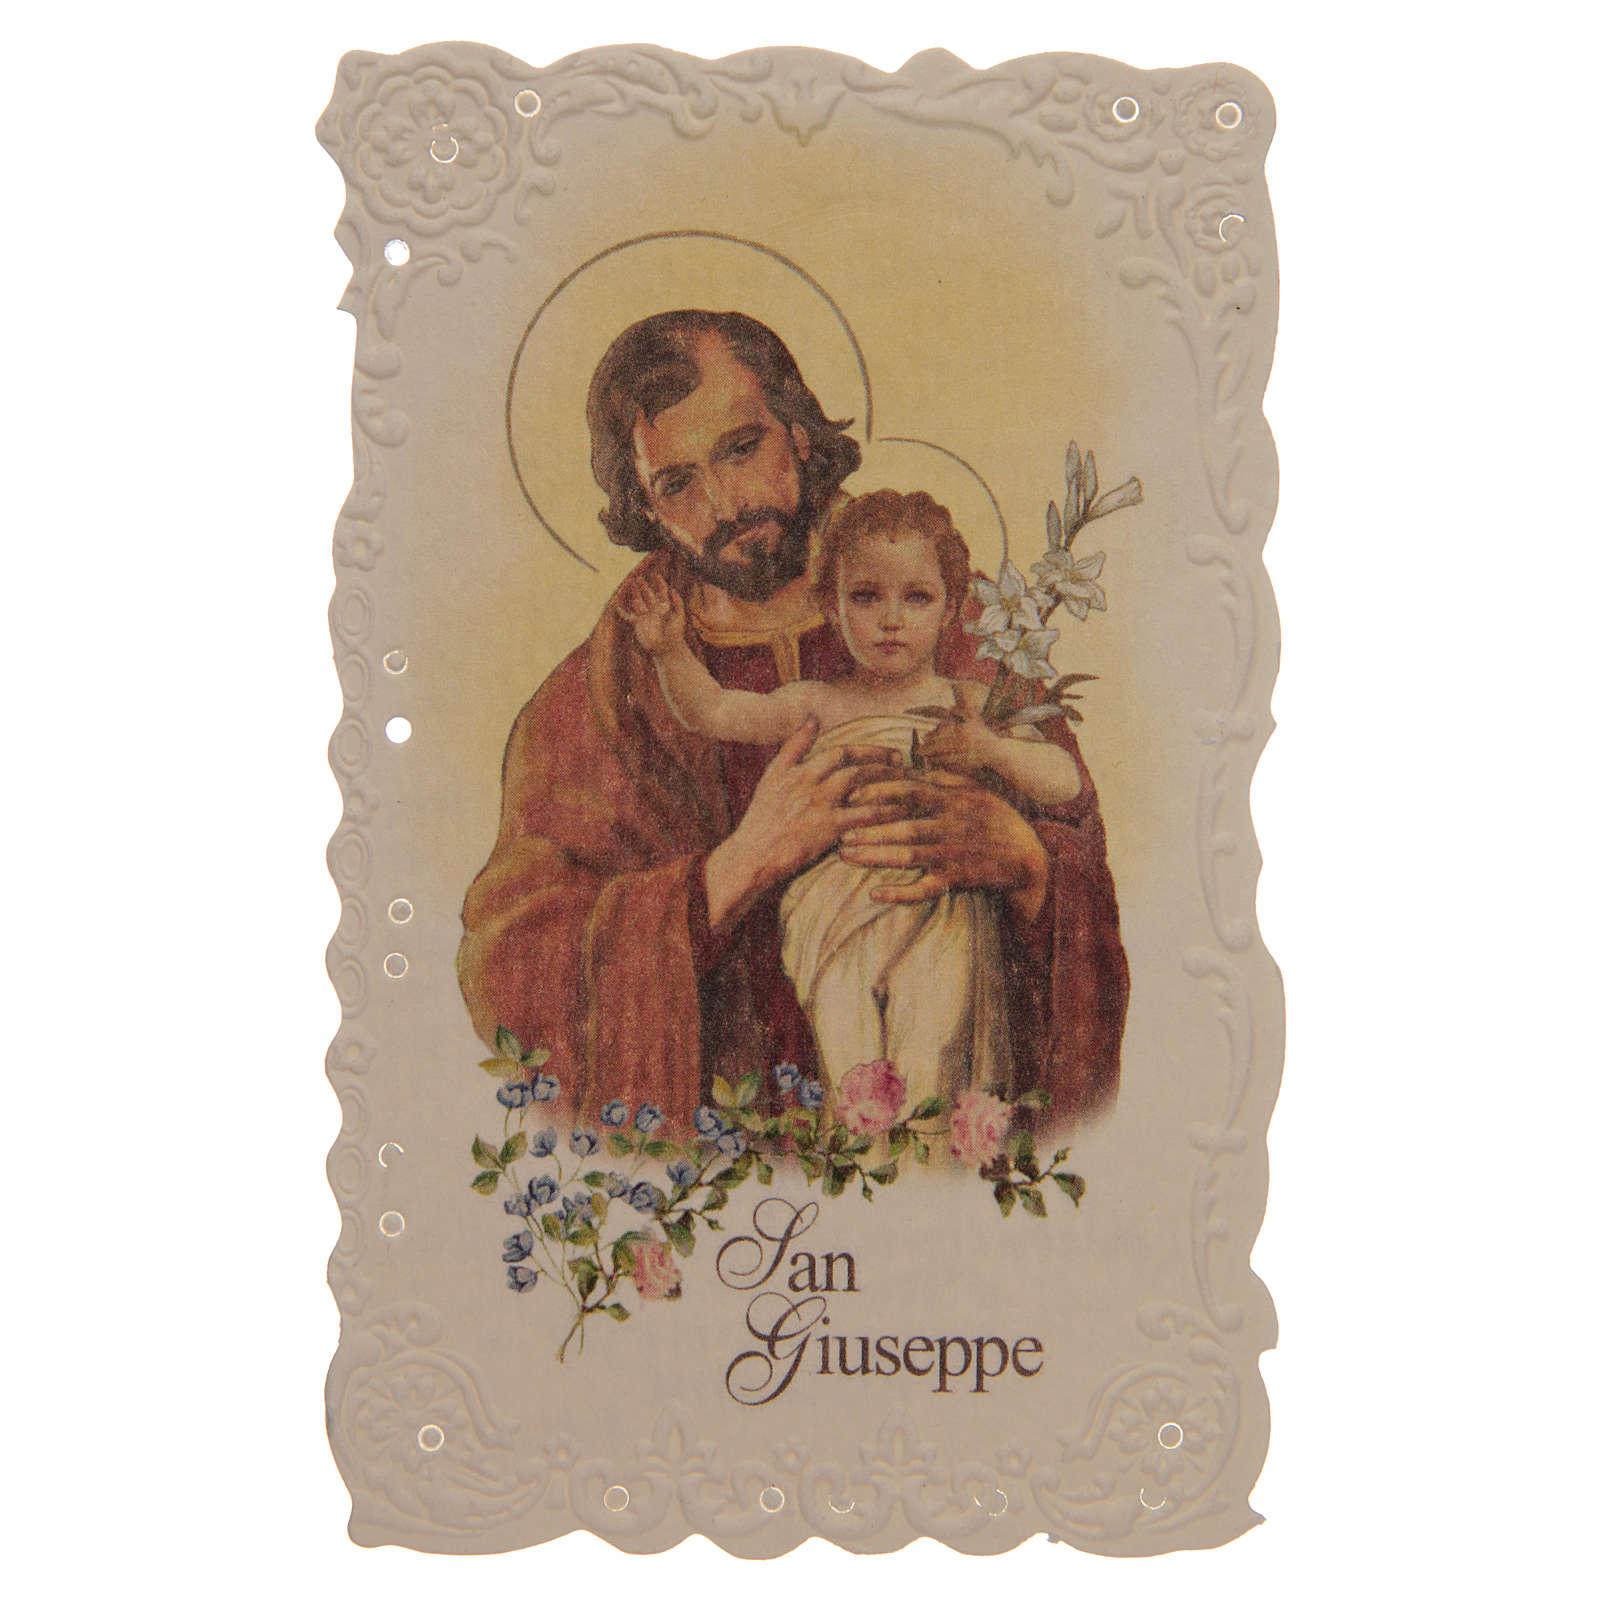 Estampa San Giuseppe con oración (italiano) 4